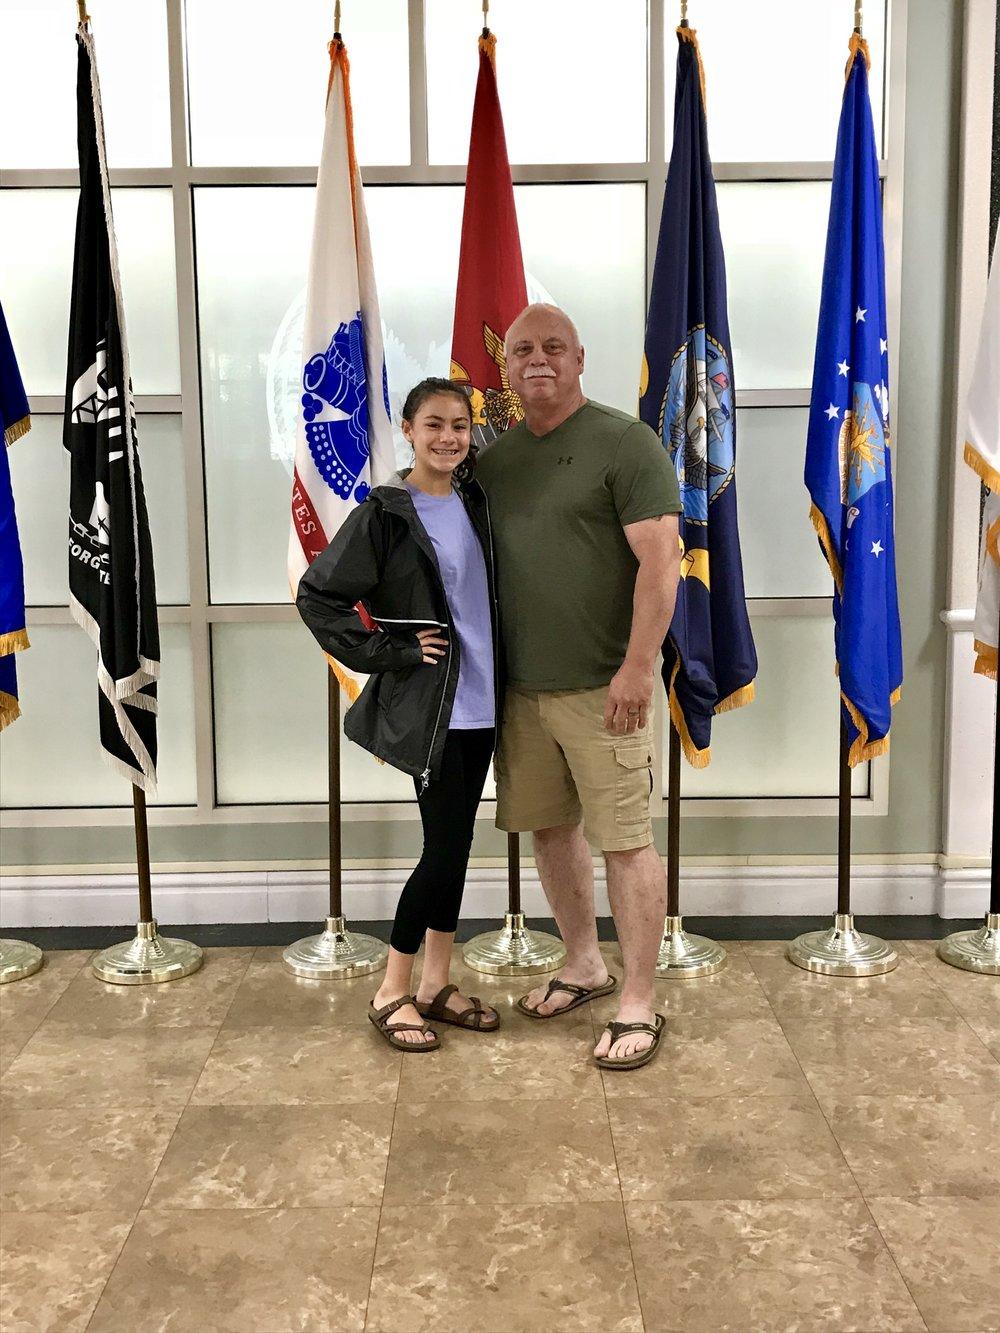 McKinley & Chris at the VA in Columbia SC